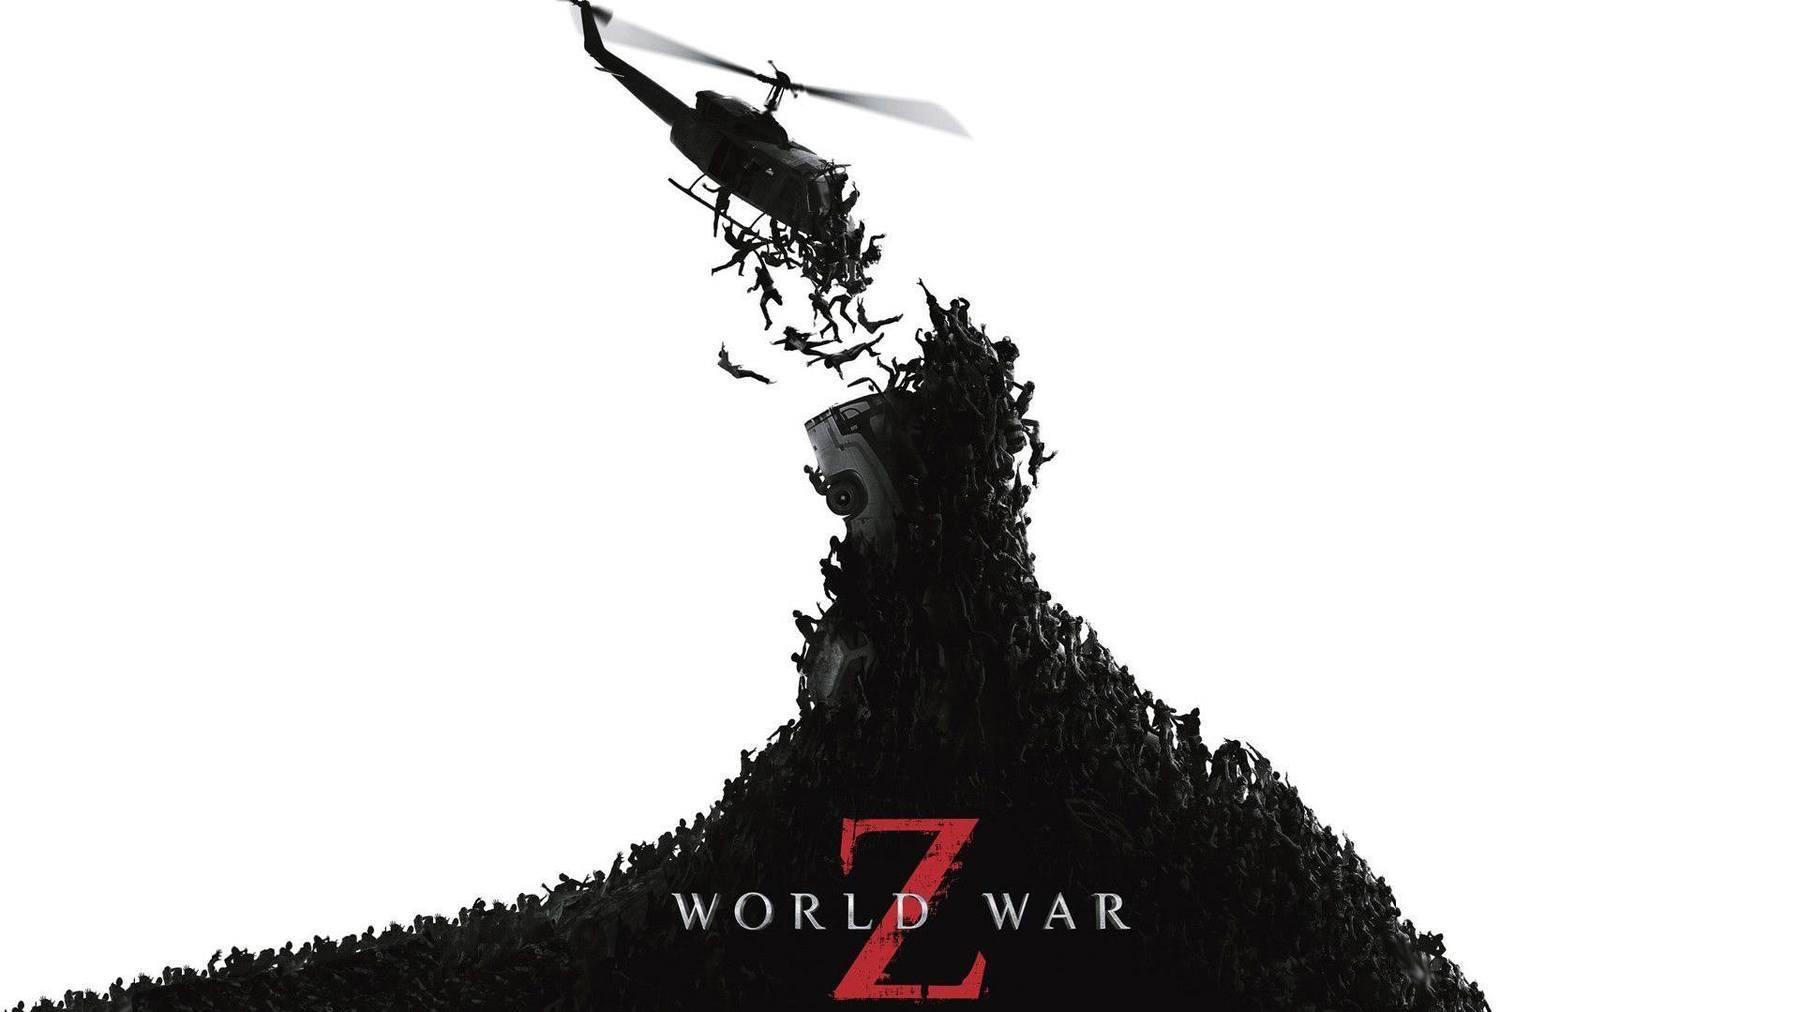 巫师3之后Saber娱乐确定《僵尸世界大战》要来NS